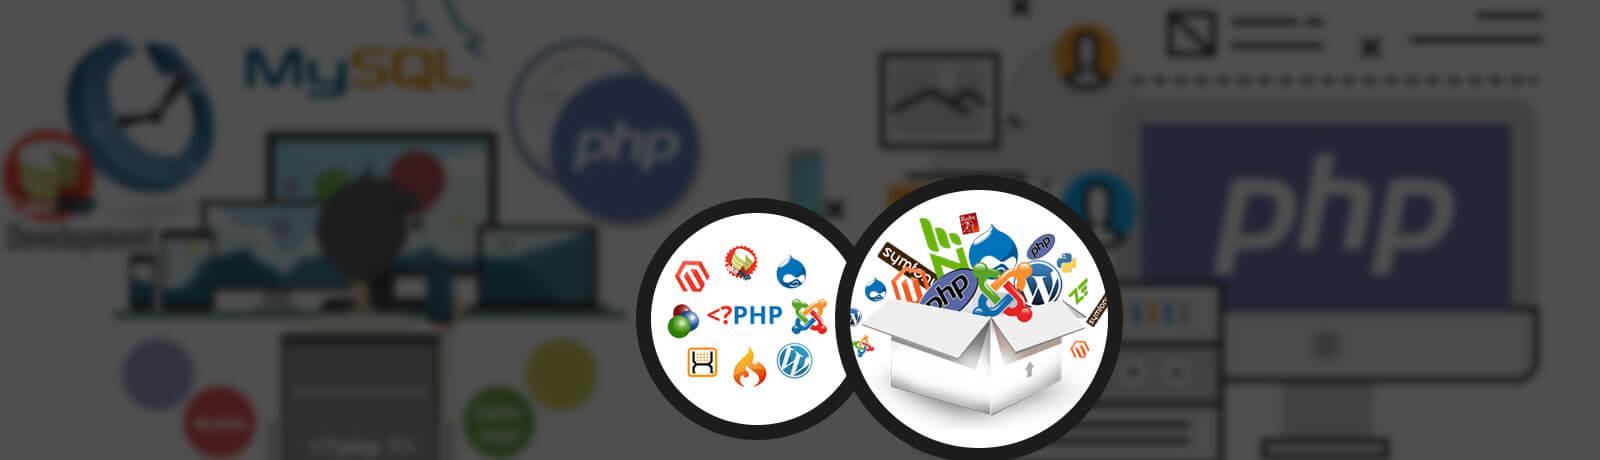 PHP Web Development Dubai, UAE